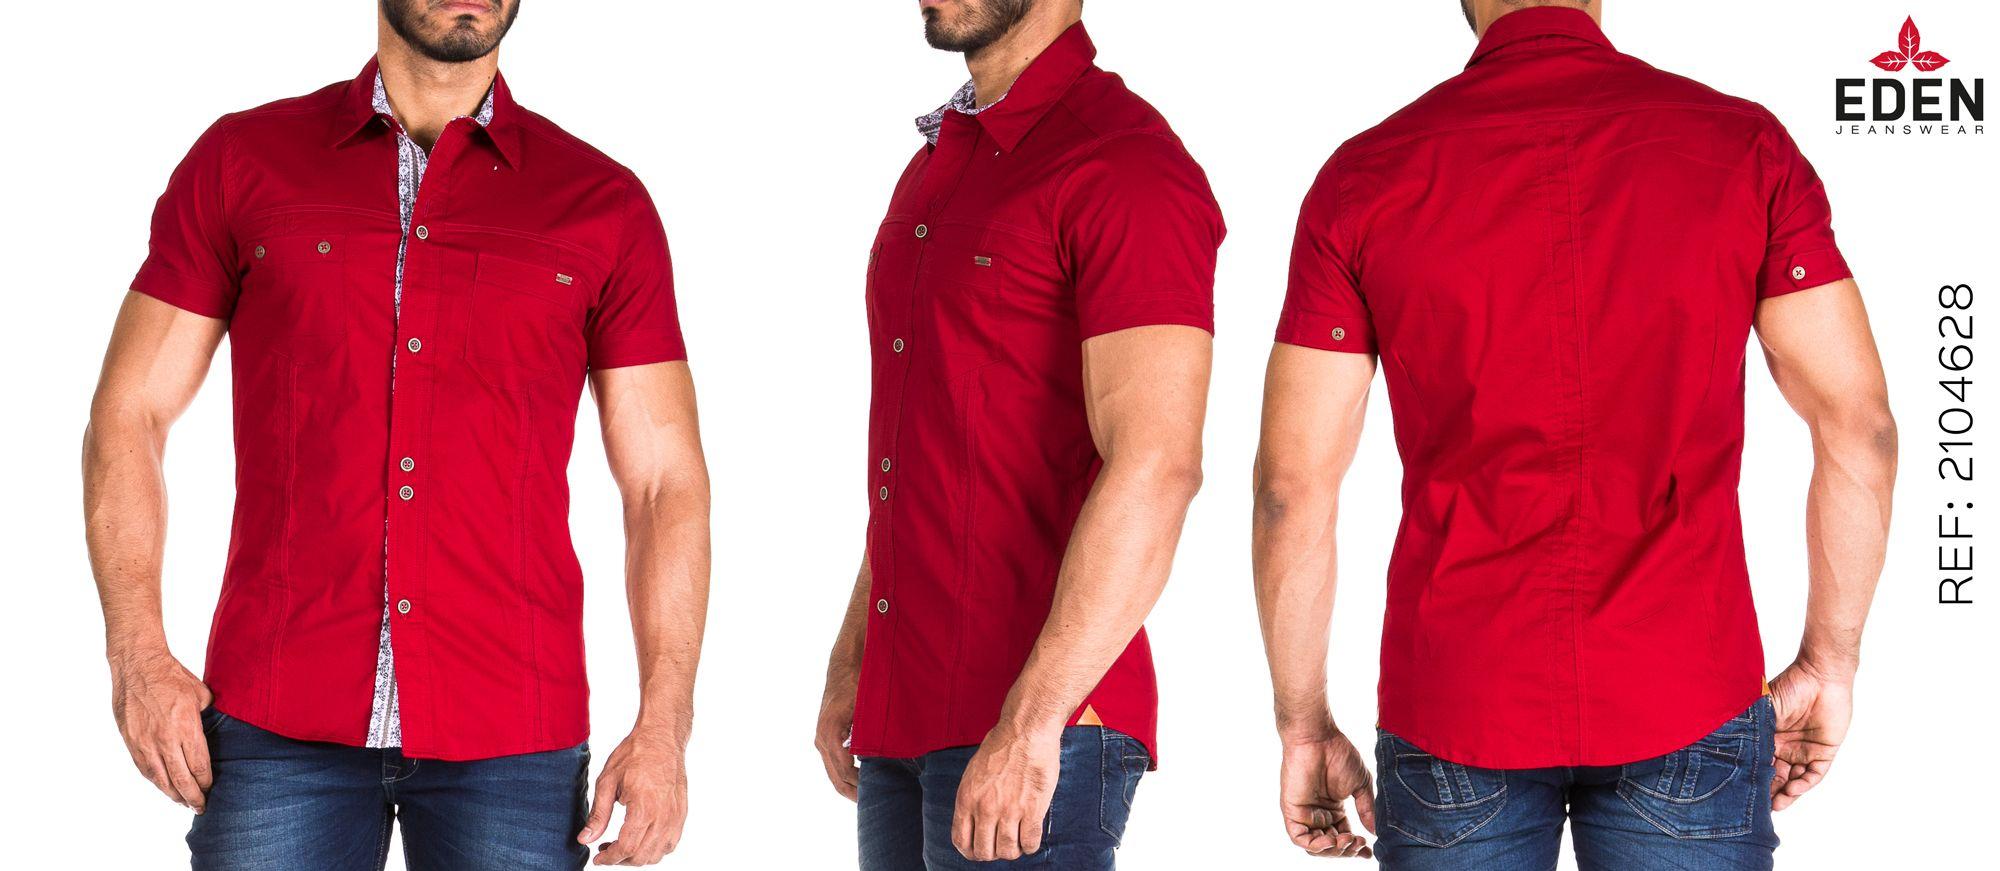 3dfc8a96fd Camisa Gap Strech Ref.2104628